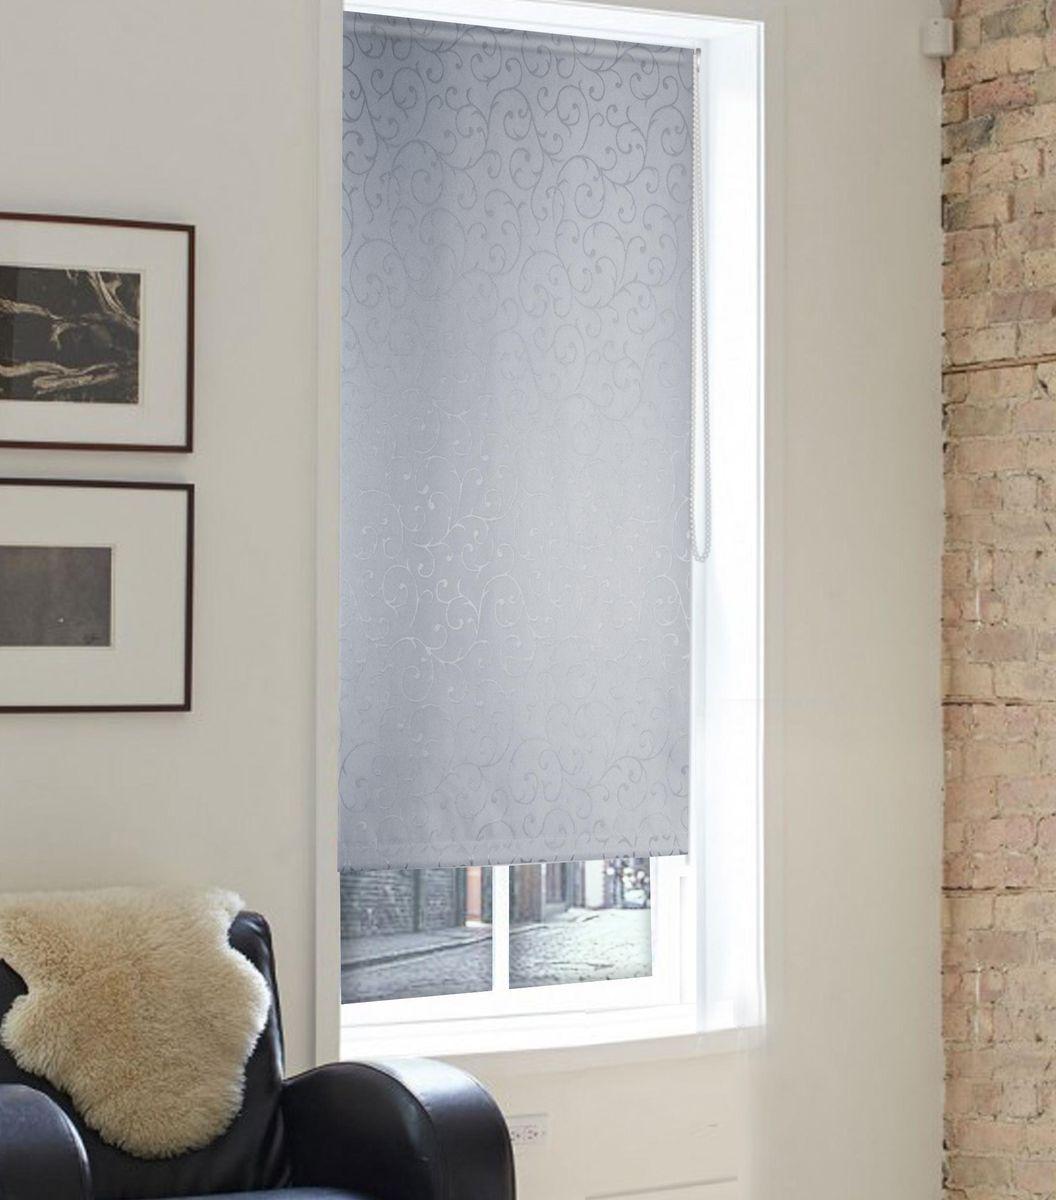 Штора рулонная Эскар Агат, цвет: серый, ширина 120 см, высота 160 см87022120160Рулонными шторами можно оформлять окна как самостоятельно, так и использовать в комбинации с портьерами. Это поможет предотвратить выгорание дорогой ткани на солнце и соединит функционал рулонных с красотой навесных. Преимущества применения рулонных штор для пластиковых окон: - имеют прекрасный внешний вид: многообразие и фактурность материала изделия отлично смотрятся в любом интерьере; - многофункциональны: есть возможность подобрать шторы способные эффективно защитить комнату от солнца, при этом она не будет слишком темной. - Есть возможность осуществить быстрый монтаж. ВНИМАНИЕ! Размеры ширины изделия указаны по ширине ткани! Во время эксплуатации не рекомендуется полностью разматывать рулон, чтобы не оторвать ткань от намоточного вала. В случае загрязнения поверхности ткани, чистку шторы проводят одним из способов, в зависимости от типа загрязнения: легкое поверхностное загрязнение можно удалить при...